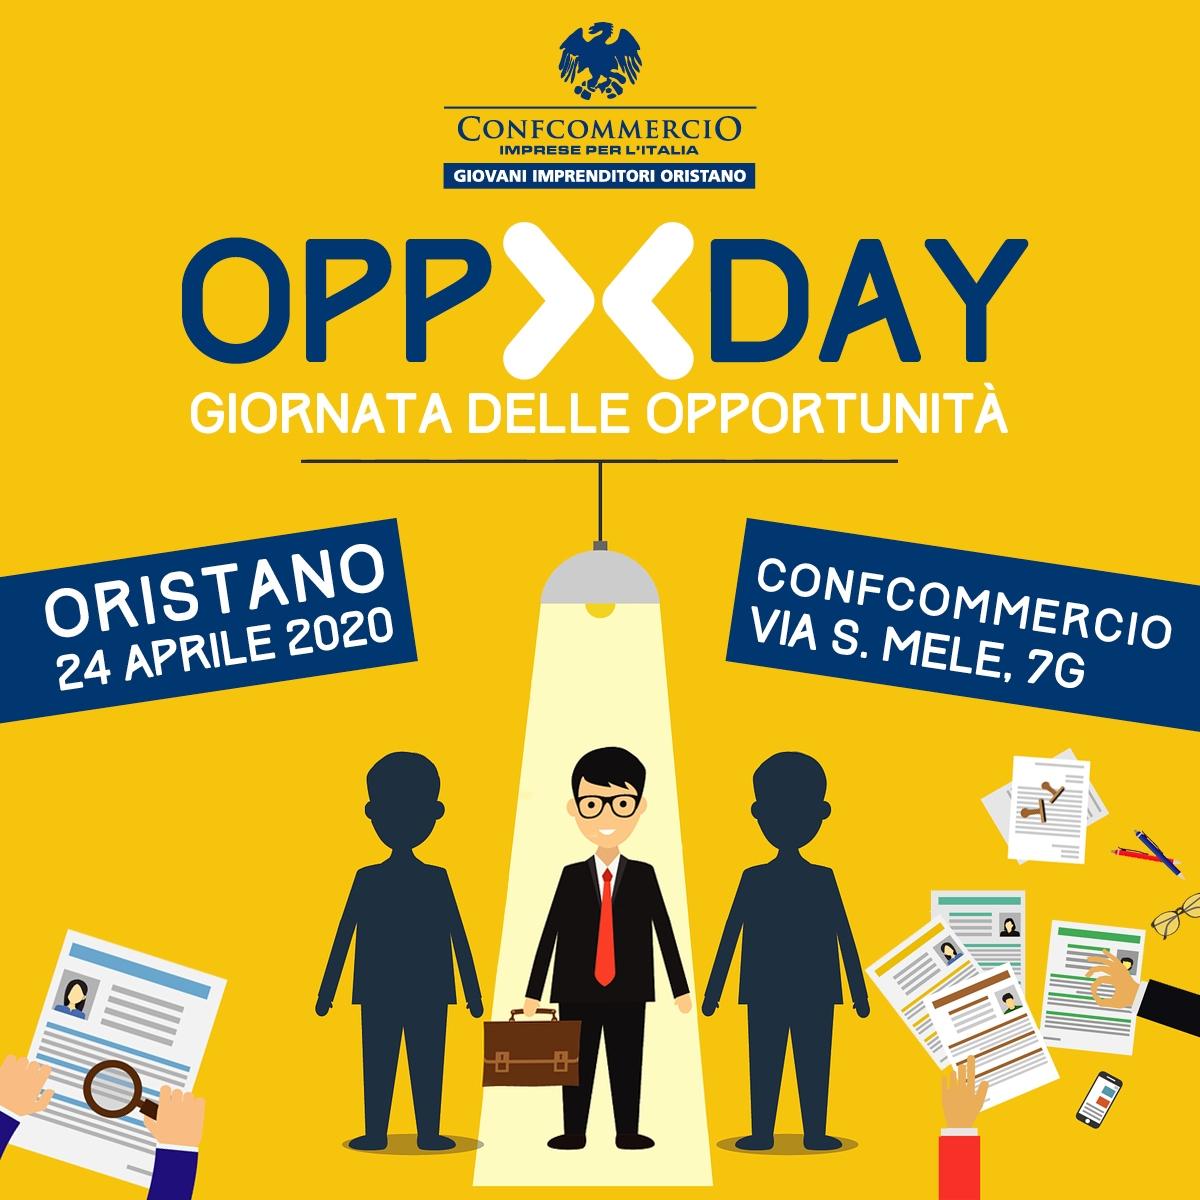 La giornata delle opportunità